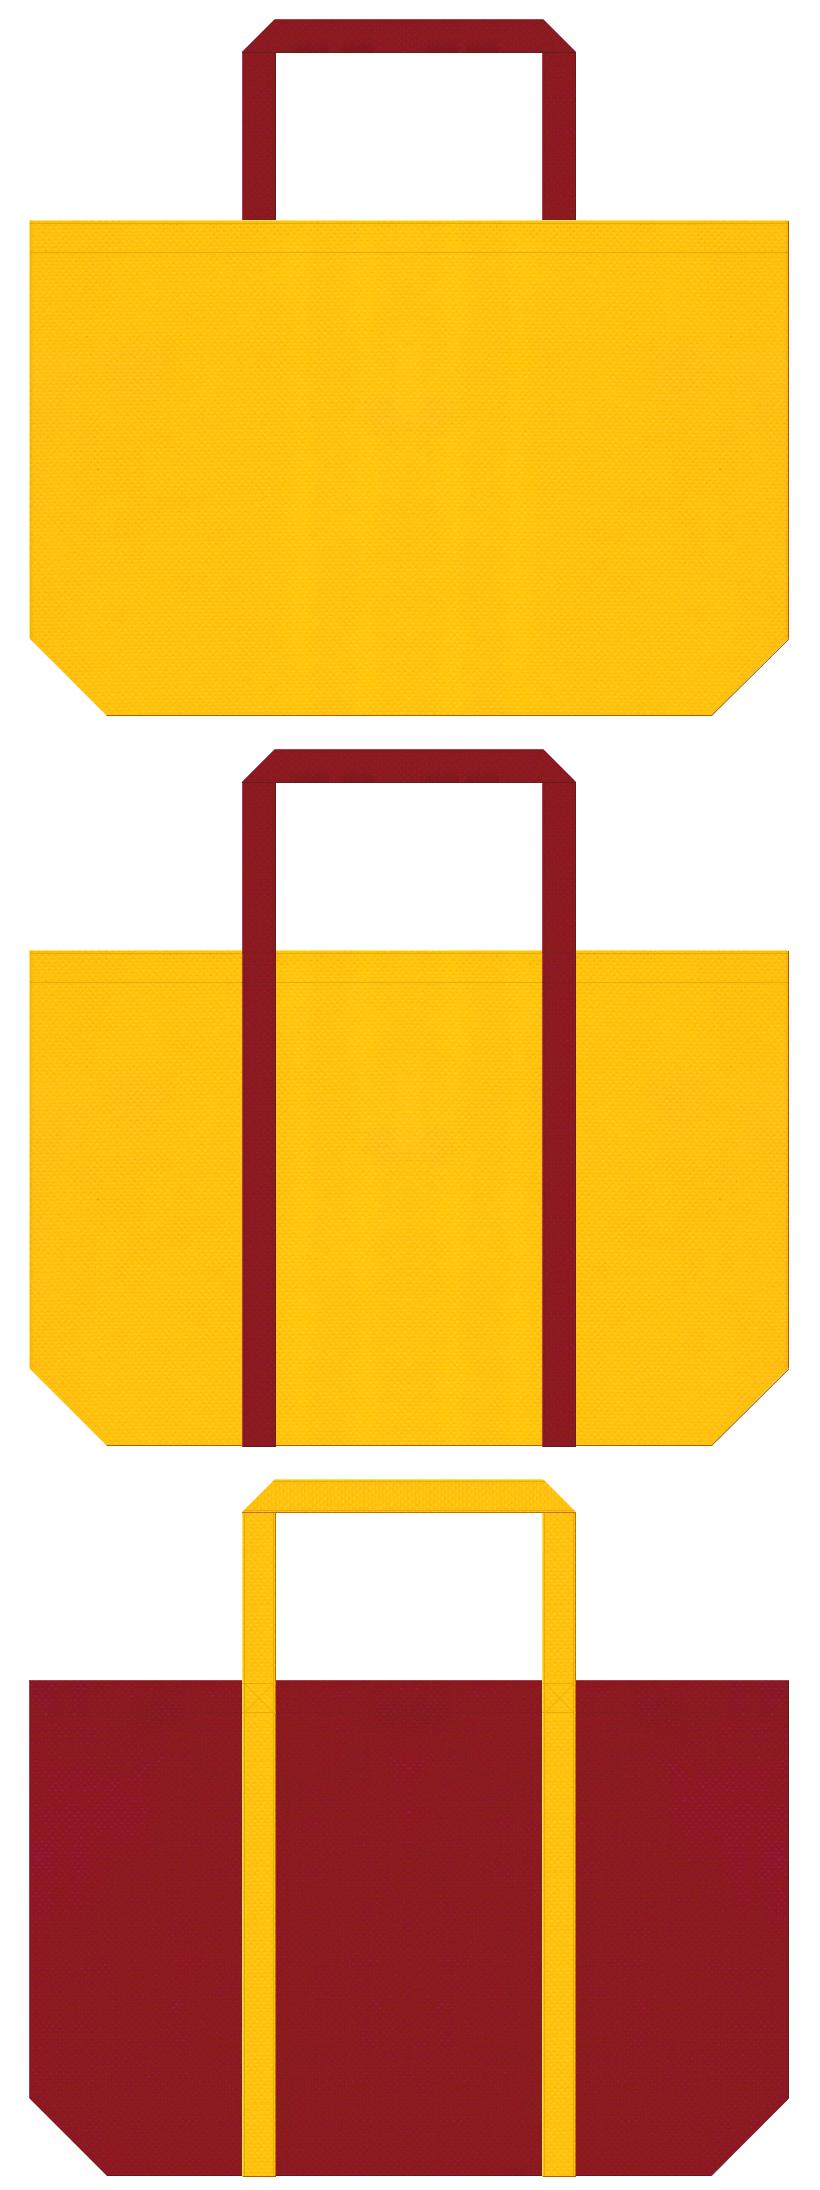 黄色とエンジ色の不織布ショッピングバッグのデザイン。キャンプ・アウトドア用品のショッピングバッグにお奨めです。